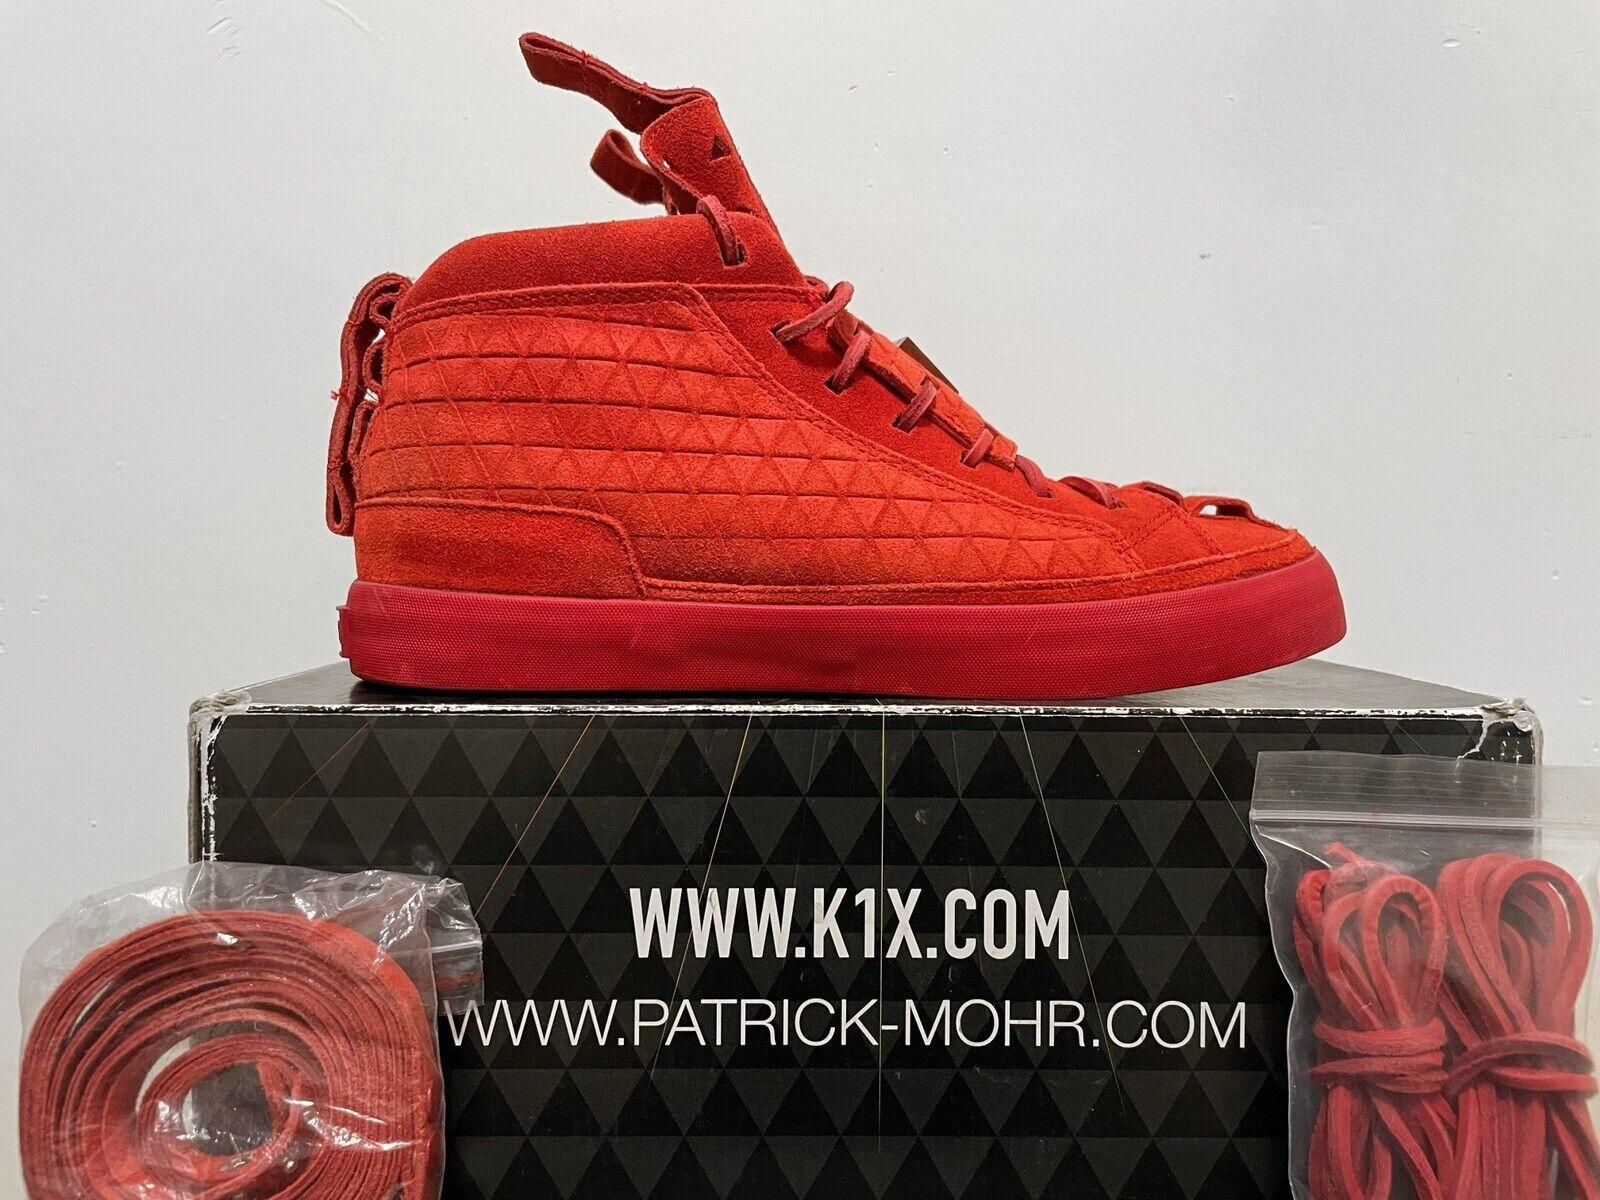 K1X Patrick Mohr Mk4 Size 9 LIMITED RARE OG Yeezy Red October Color